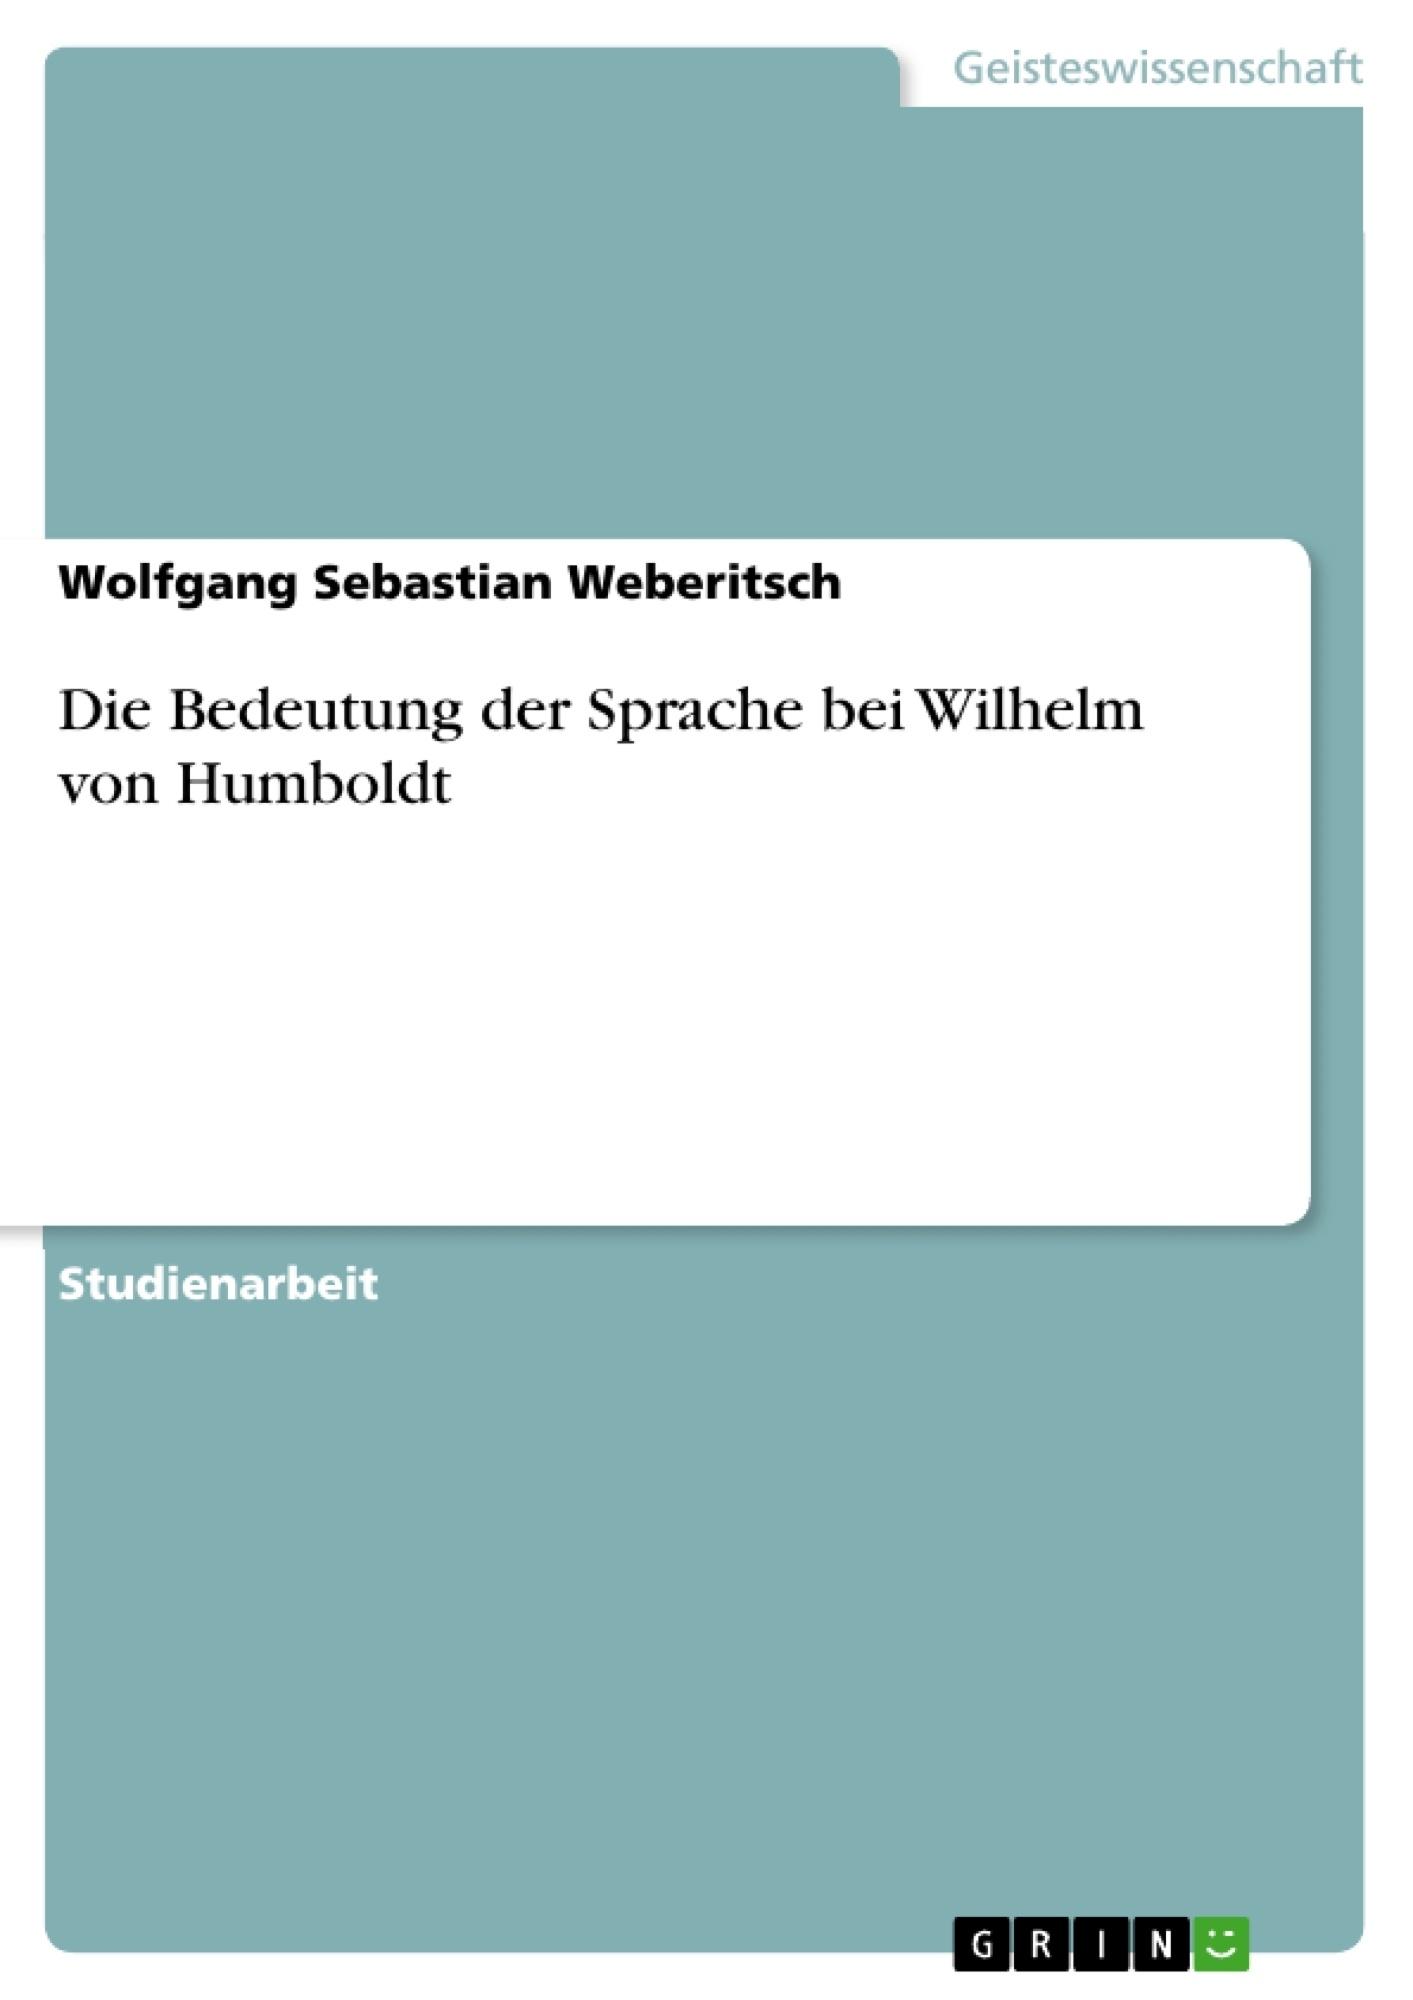 Titel: Die Bedeutung der Sprache bei Wilhelm von Humboldt